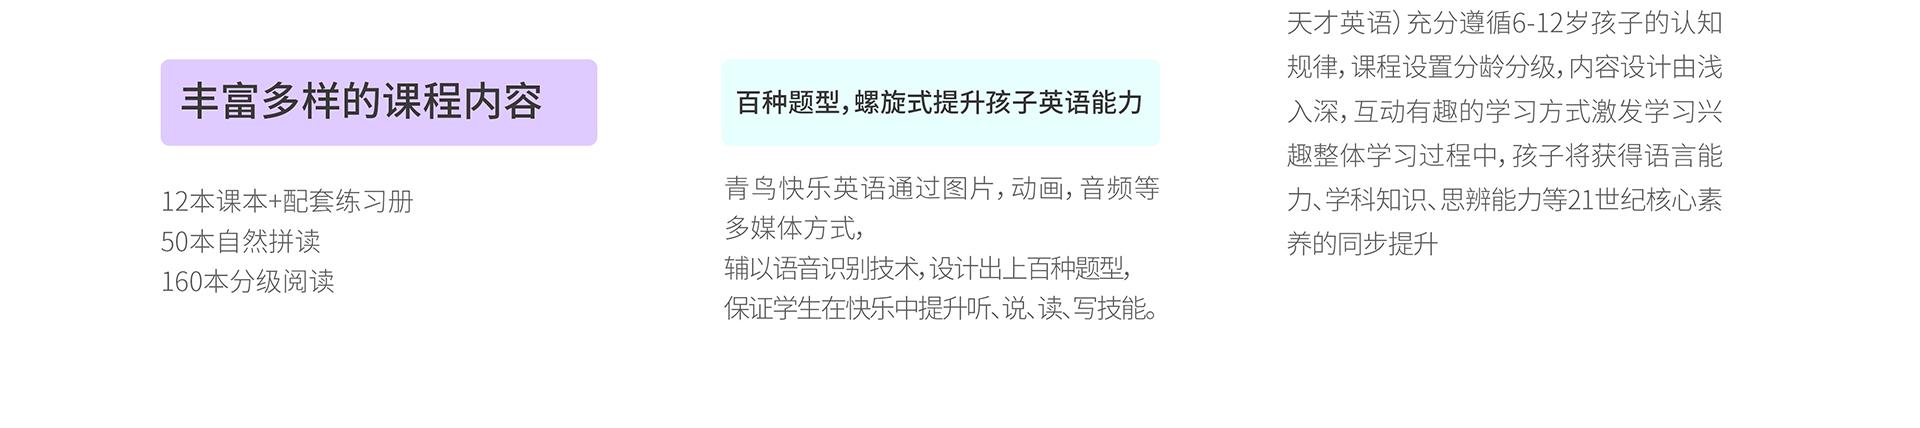 青鸟园丁学习馆qnyd_12